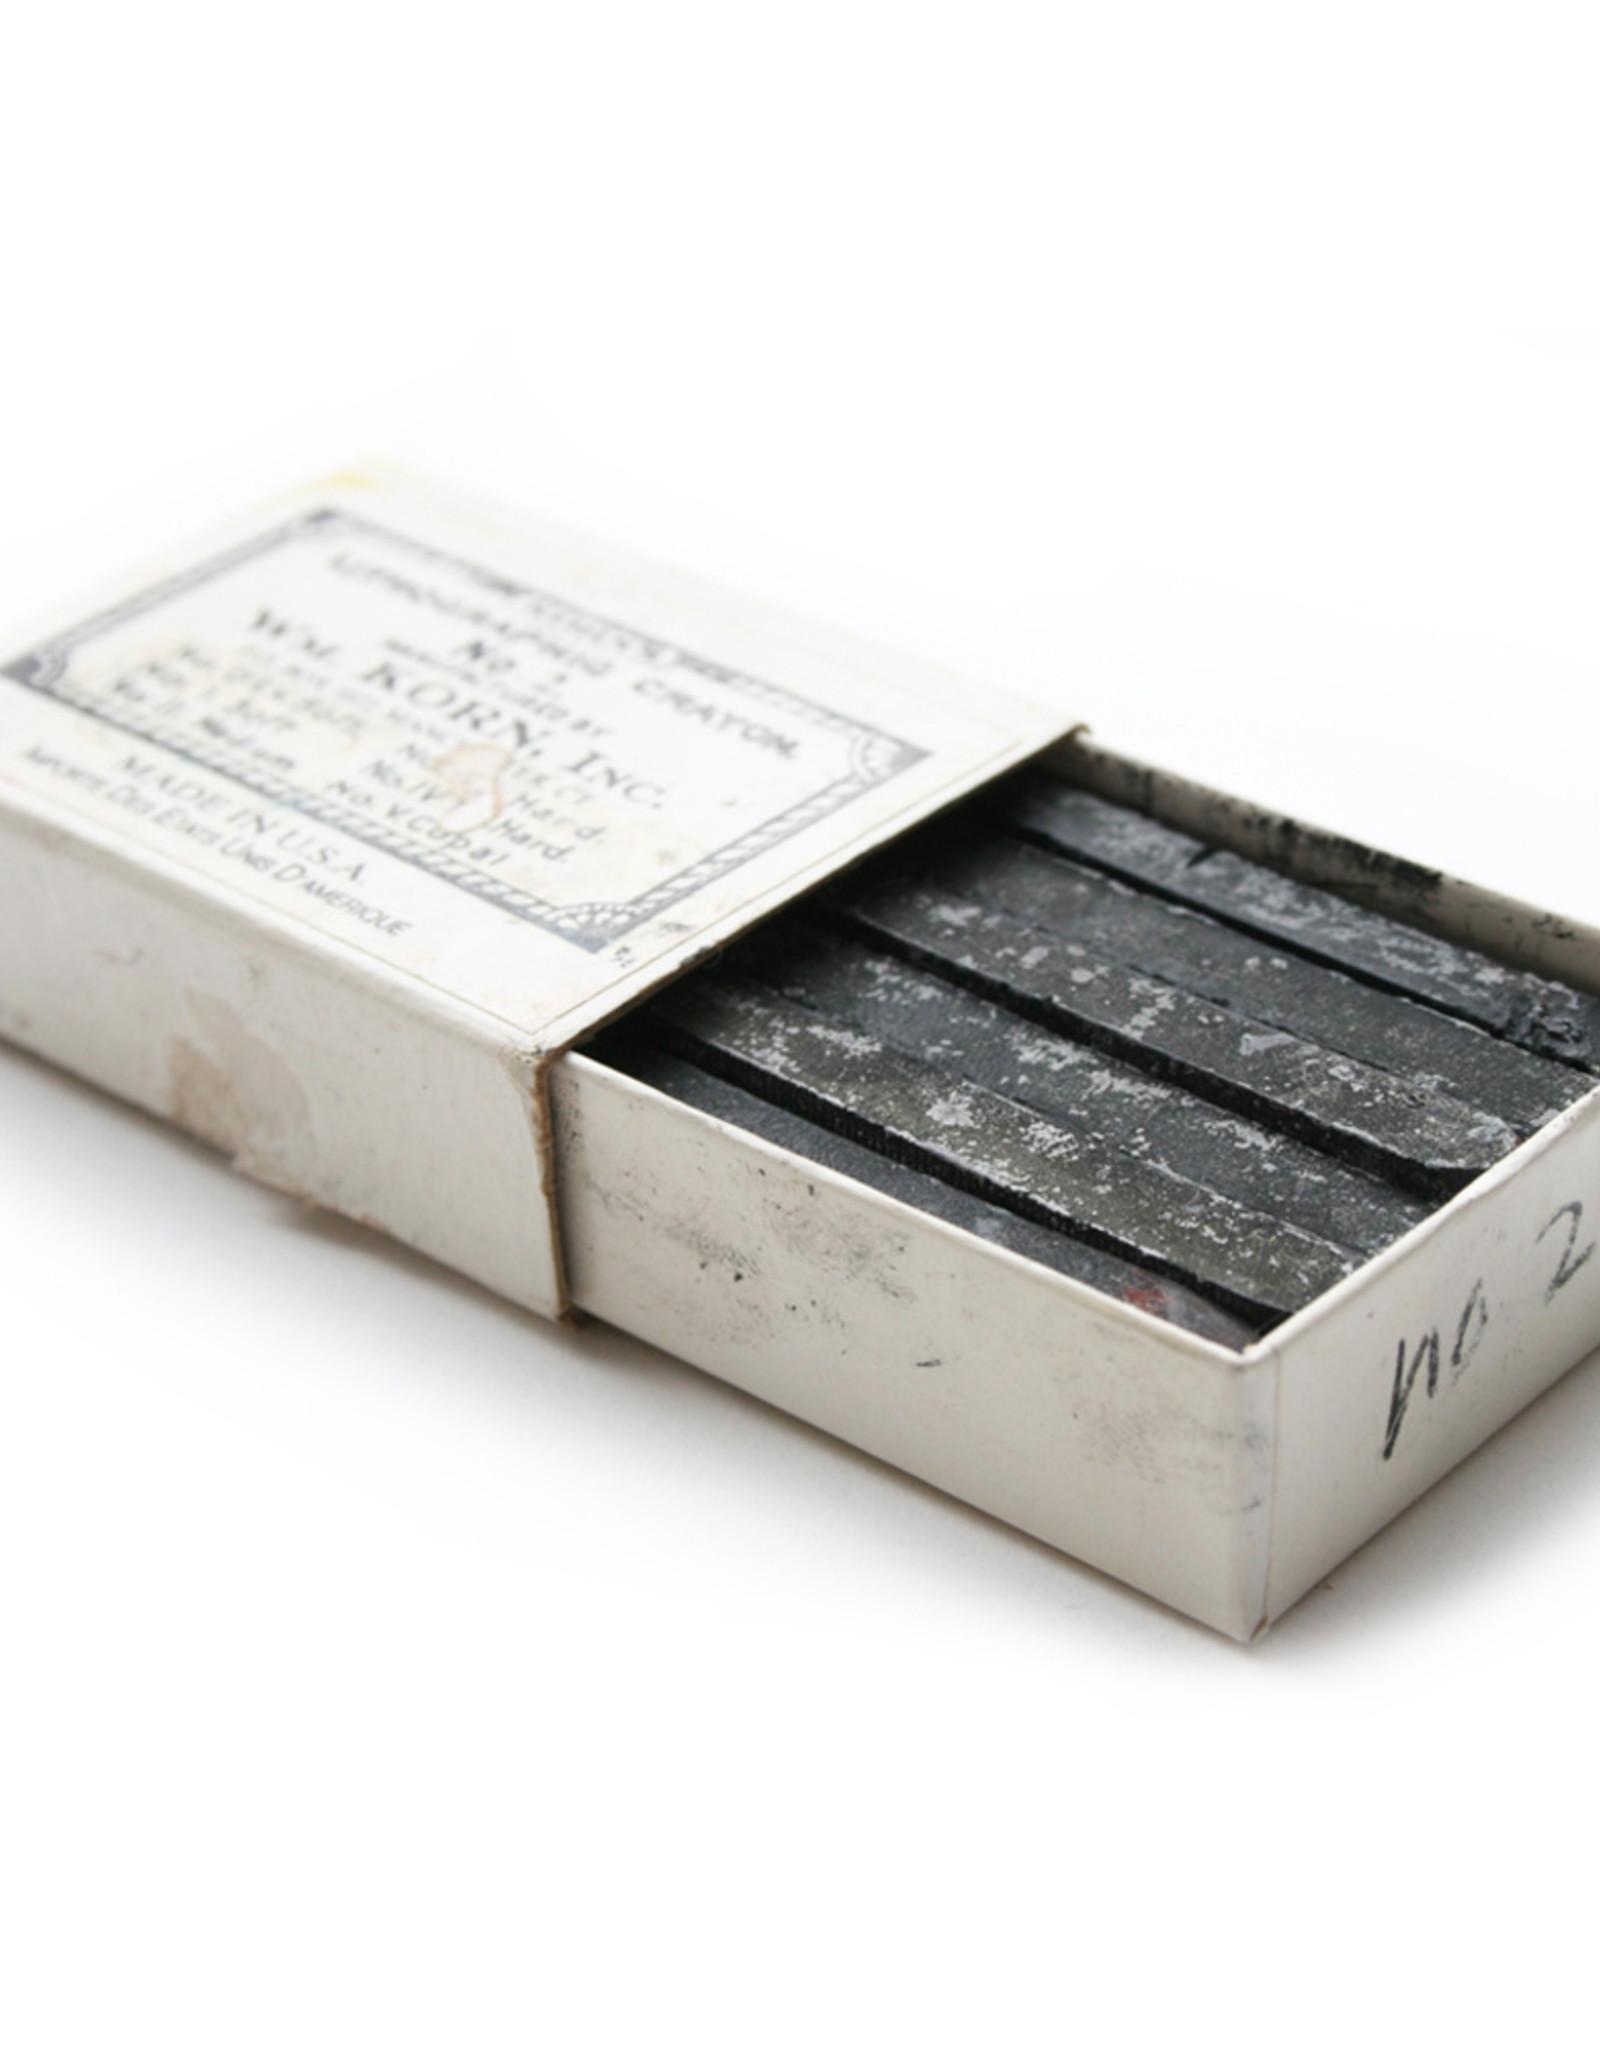 12 stuks lithokrijt staafje ±6cm lang Korn extra zacht nummer 0. De harde krijtjes geven een lichte toonwaarde en de zachtere een zwaardere.